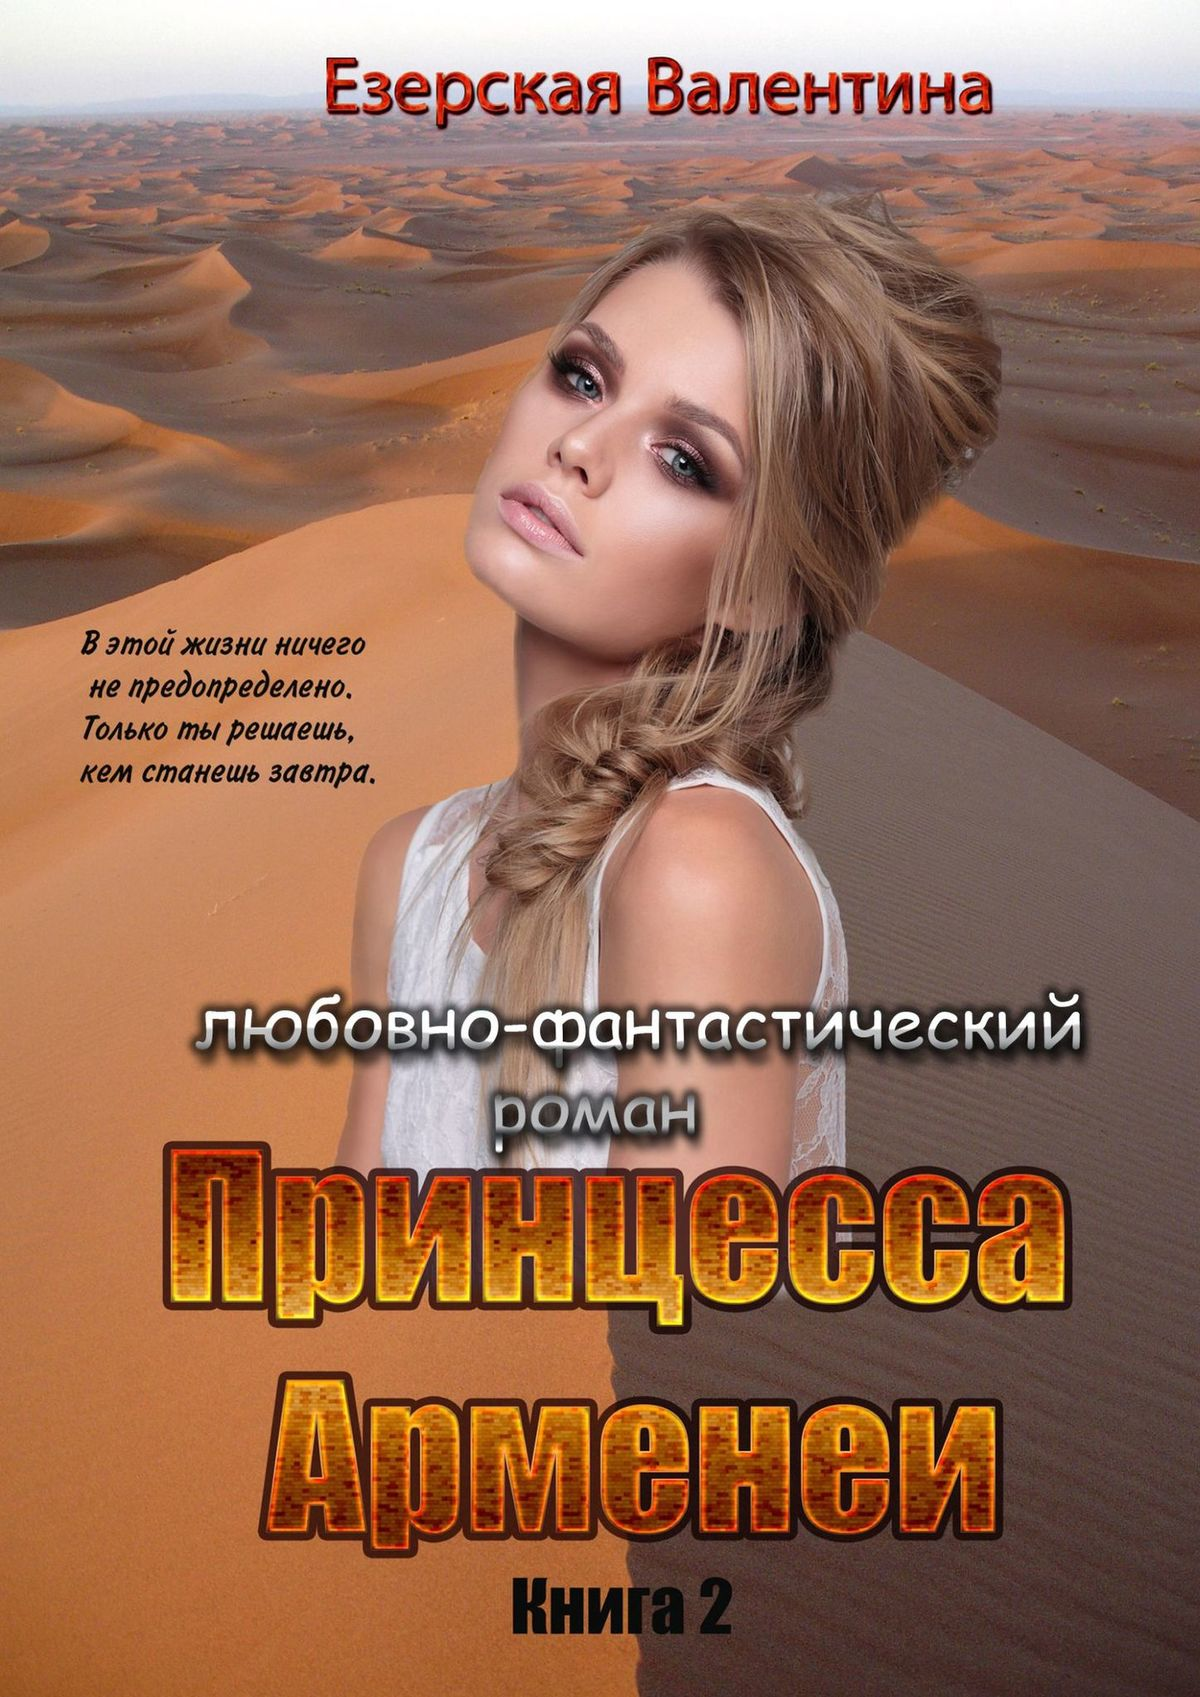 Валентина Езерская Принцесса Арменеи. Книга 2. Серия: Идеальный треугольник